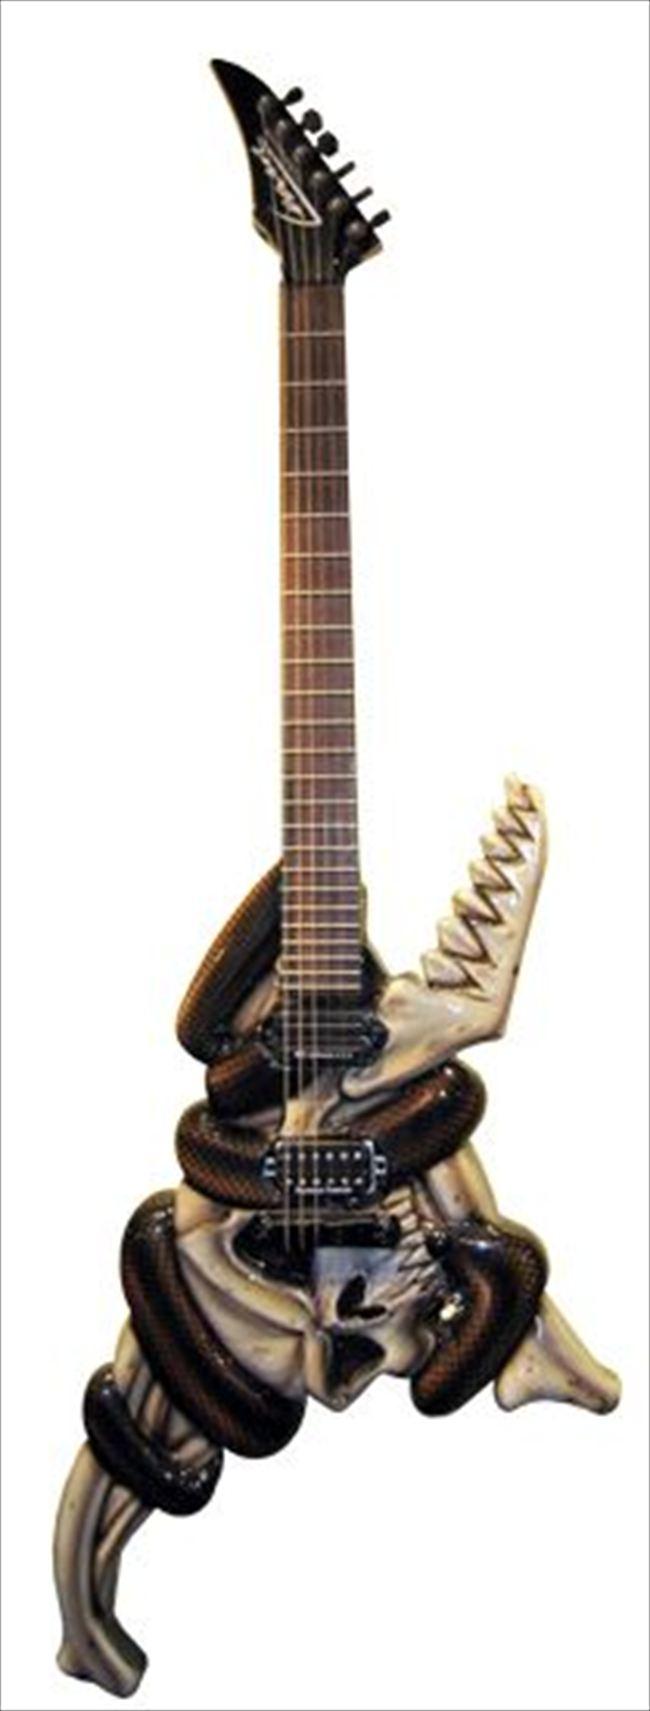 かっこいいギター画像34